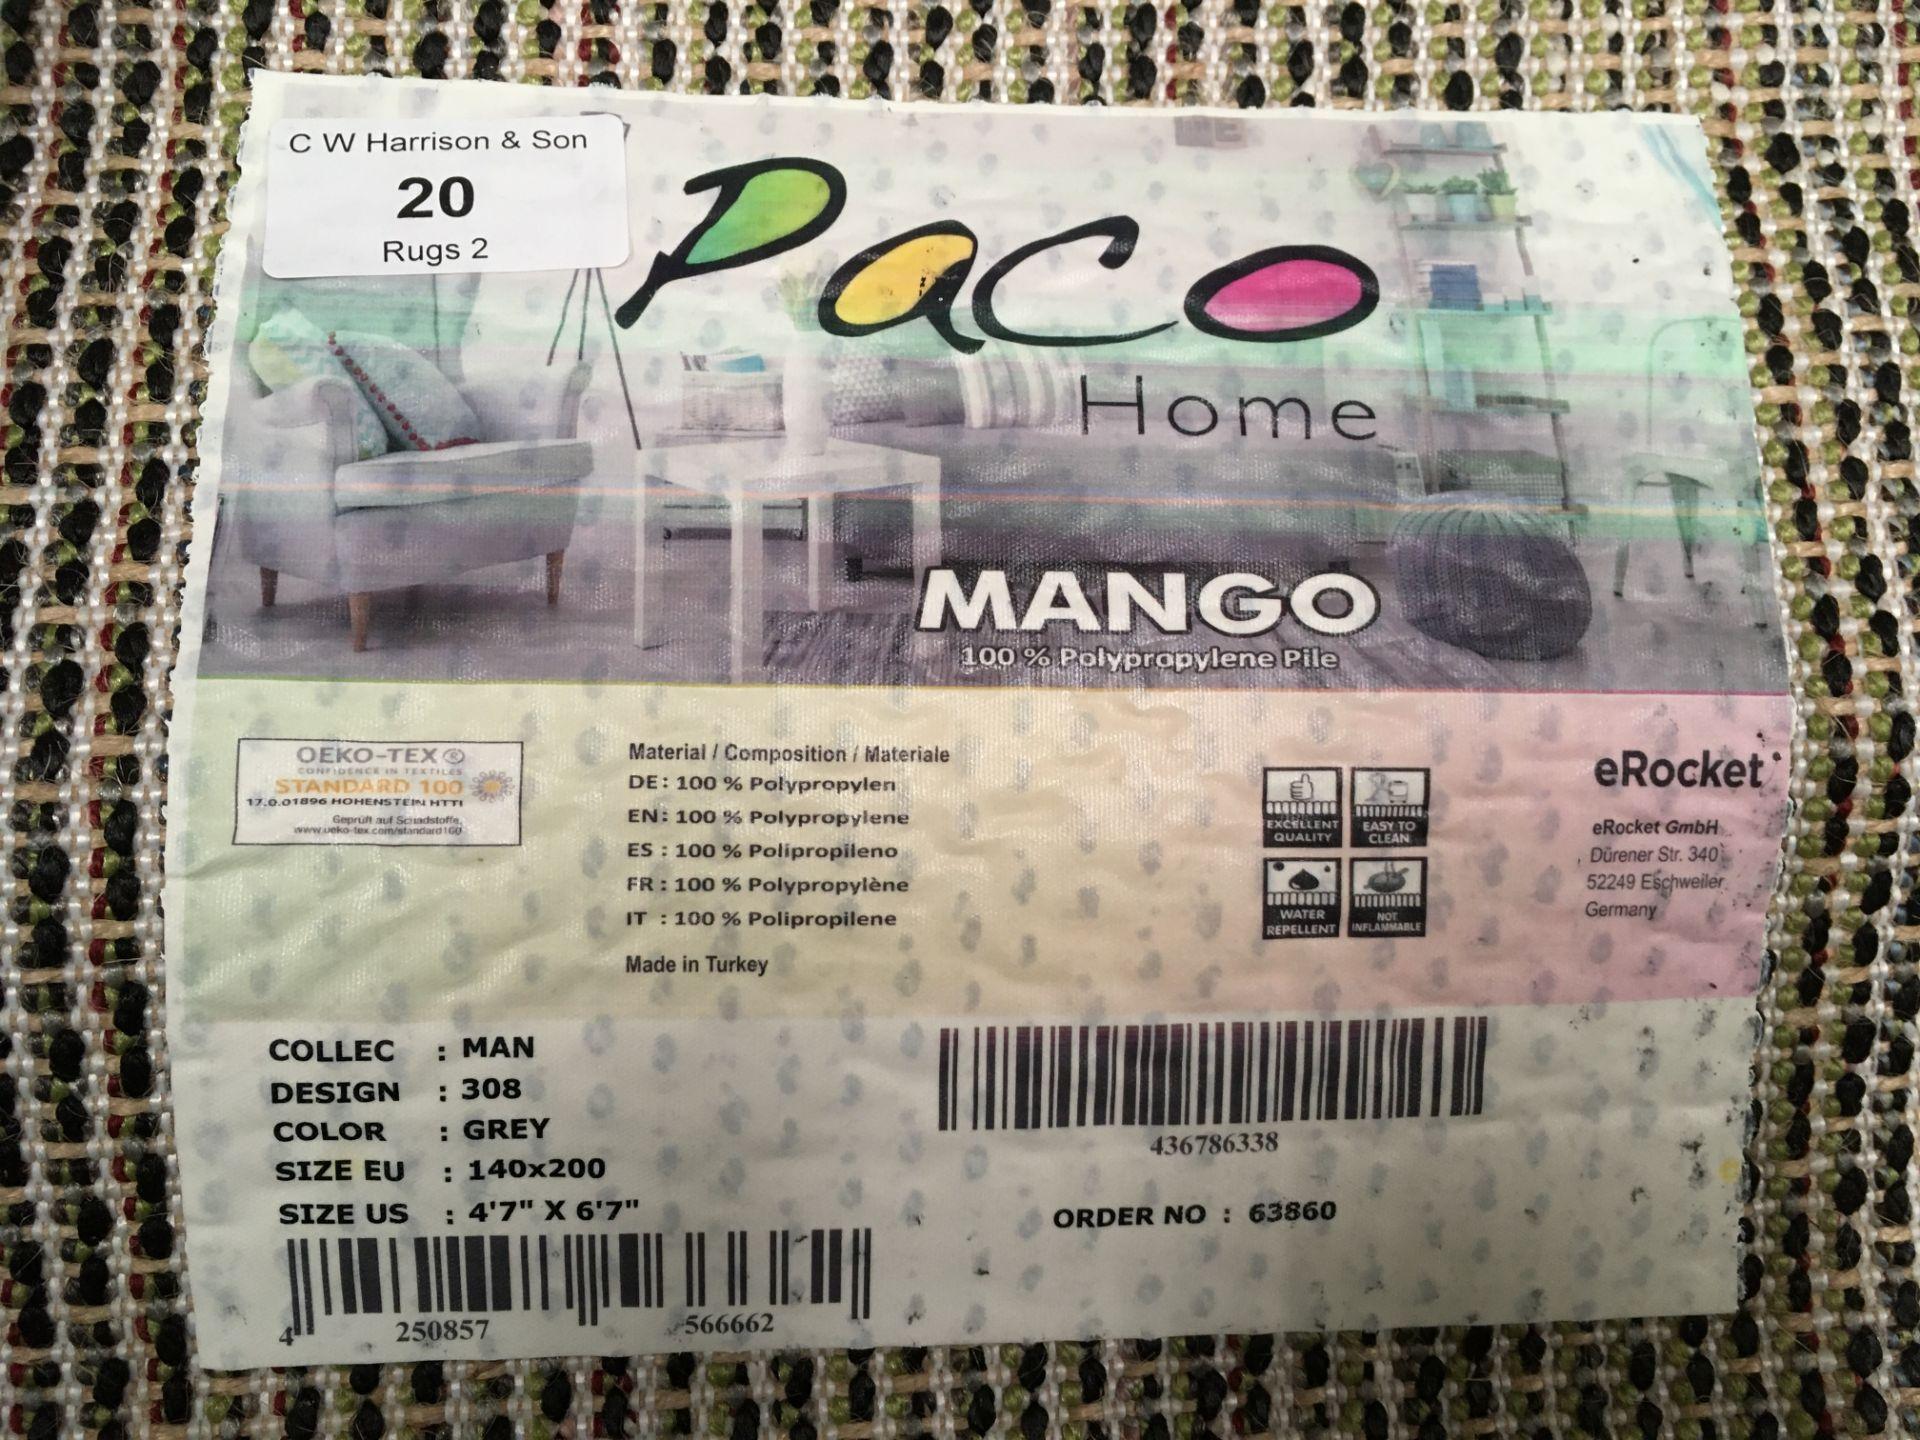 Lot 20 - A Paco Home Mango 308 grey rug - 140cm x 200cm